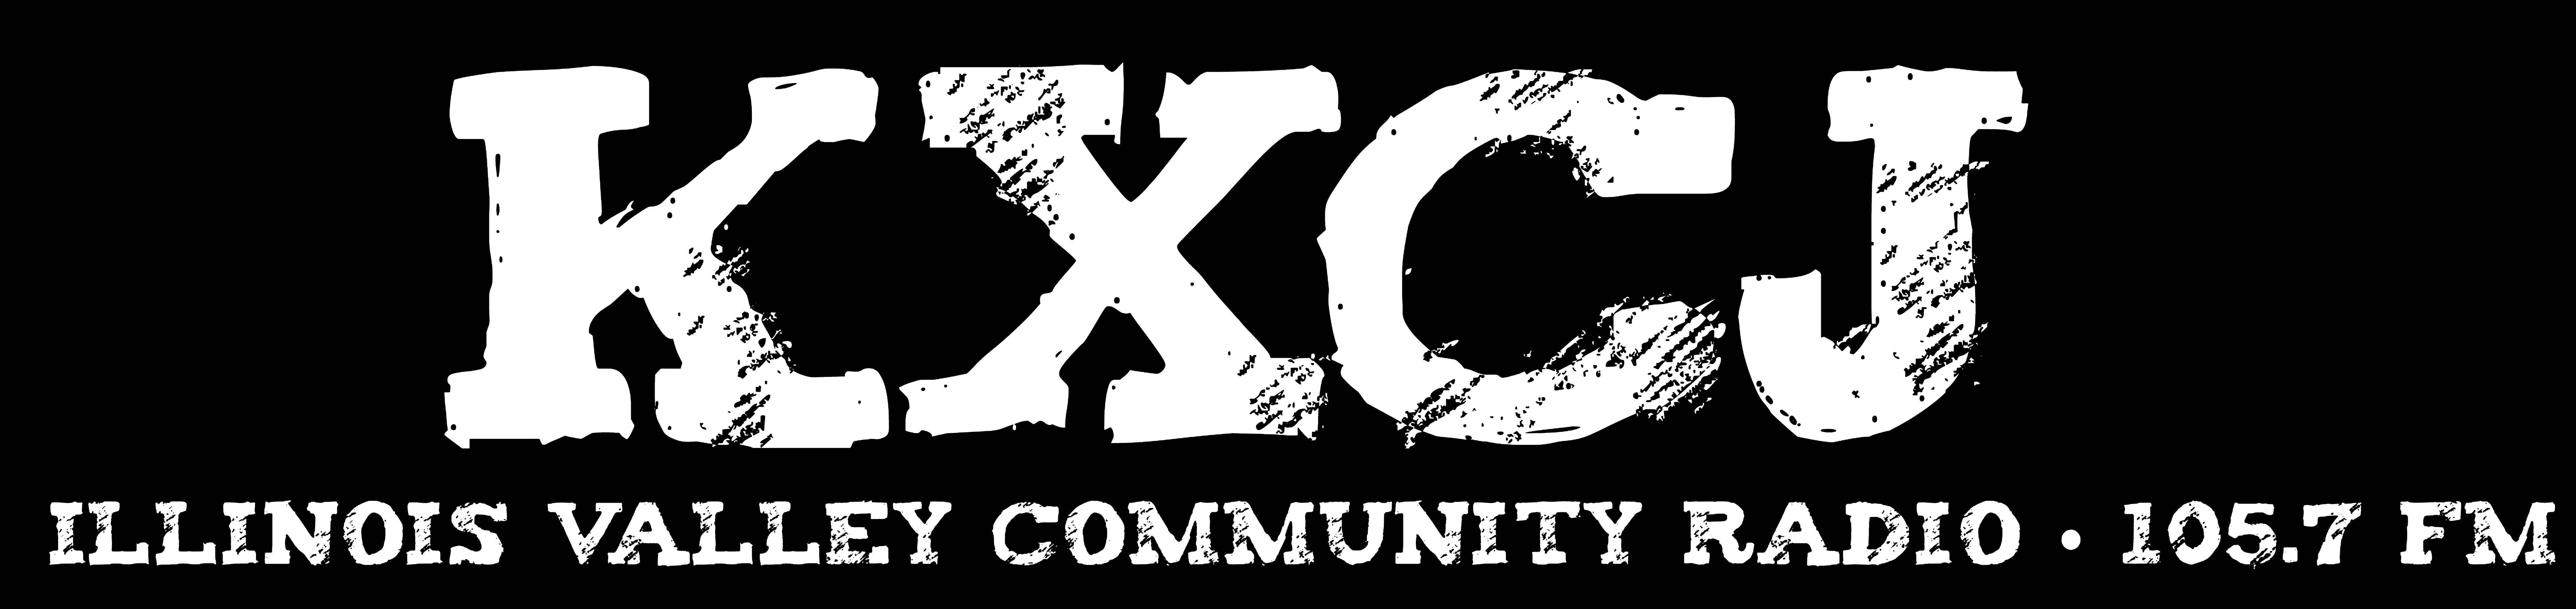 KXCJ 105.7